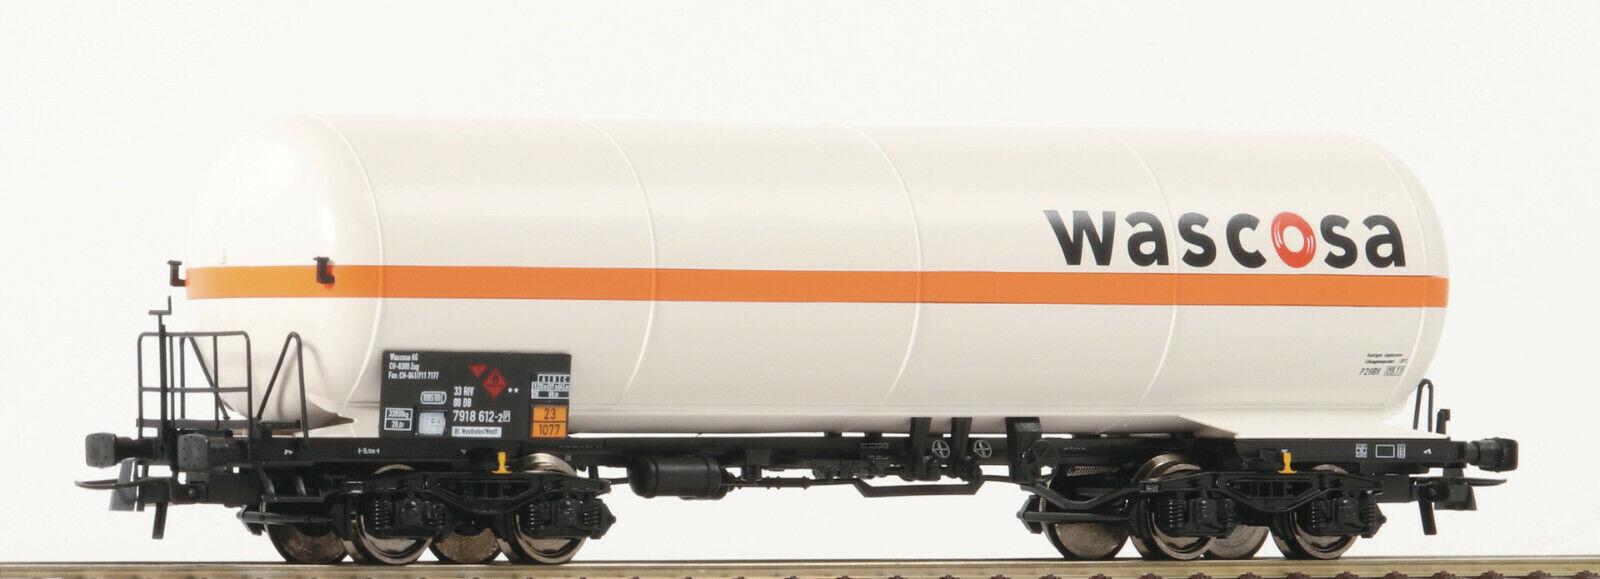 Roco 76975 Güterwagen Druckgaskesselwagen Wascosa H0